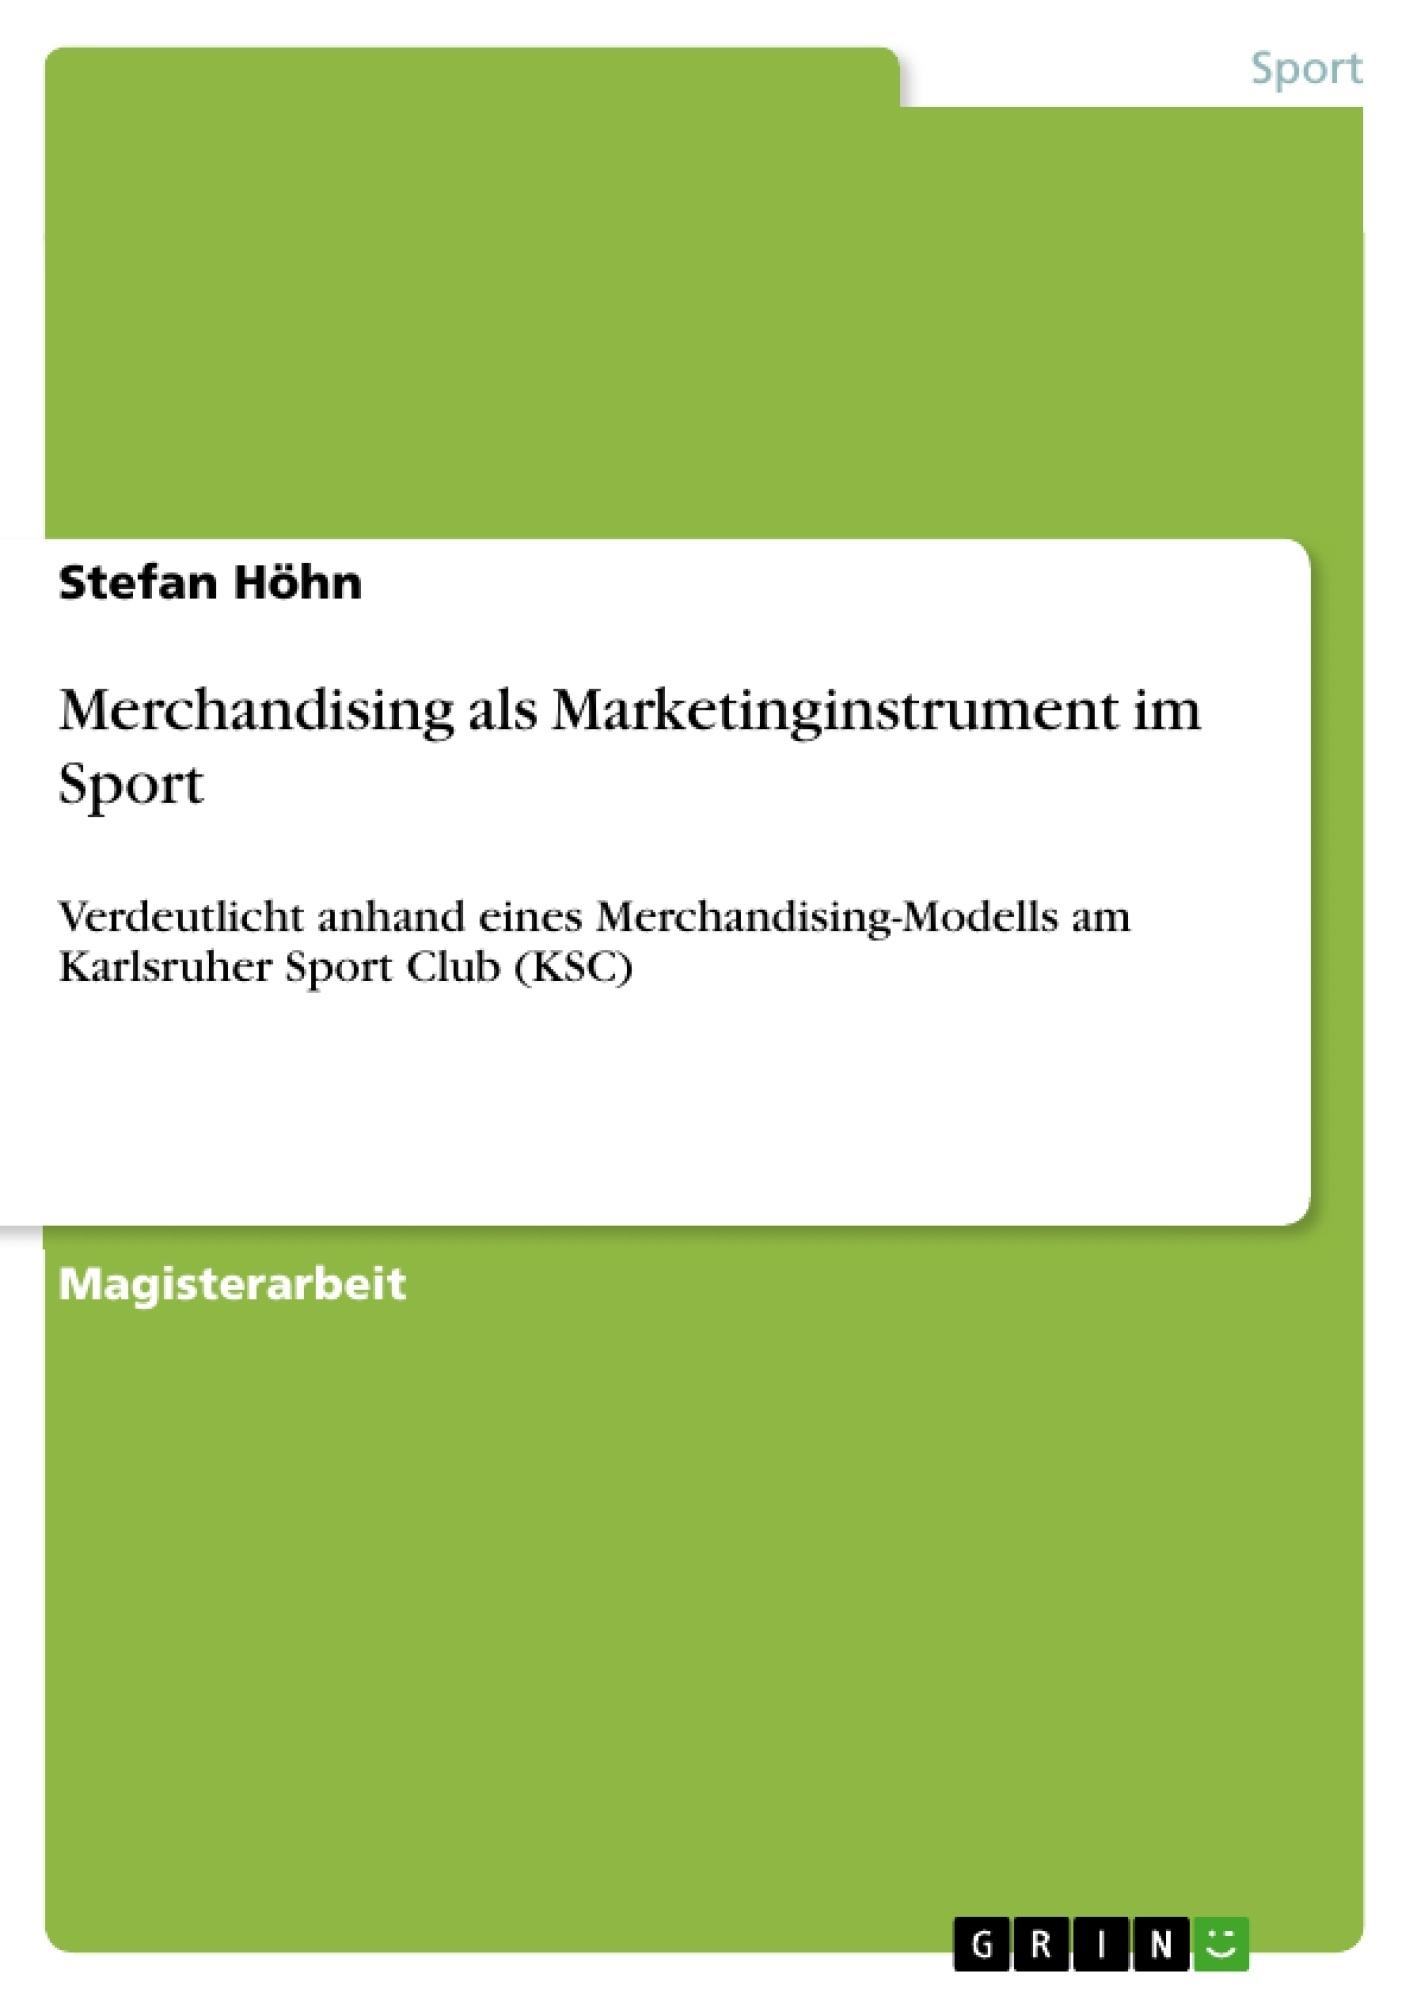 Titel: Merchandising als Marketinginstrument im Sport